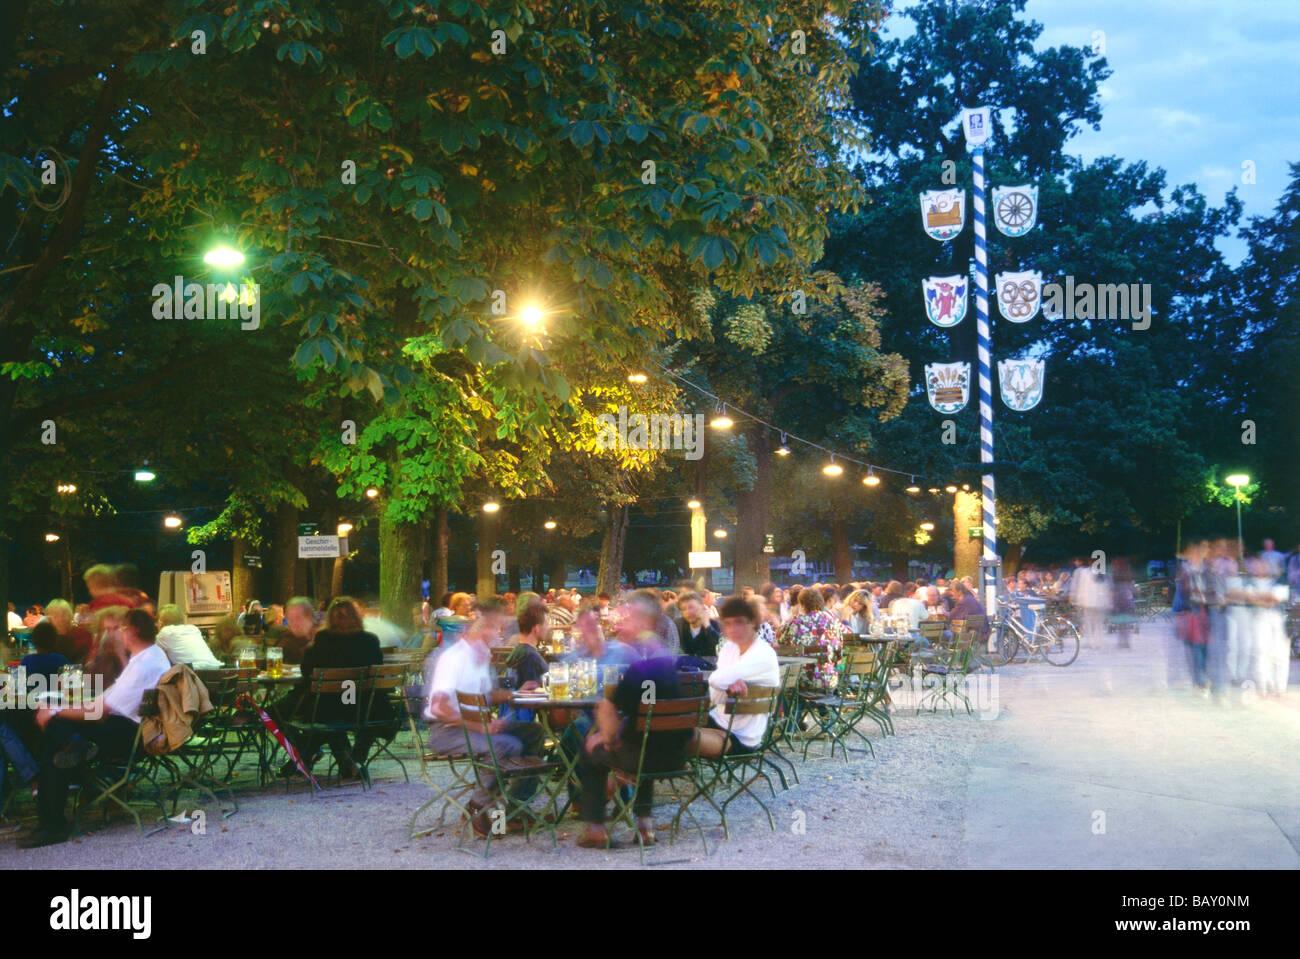 Fully occupied beer garden at Hirschgarten, Munich, Bavaria, Germany - Stock Image